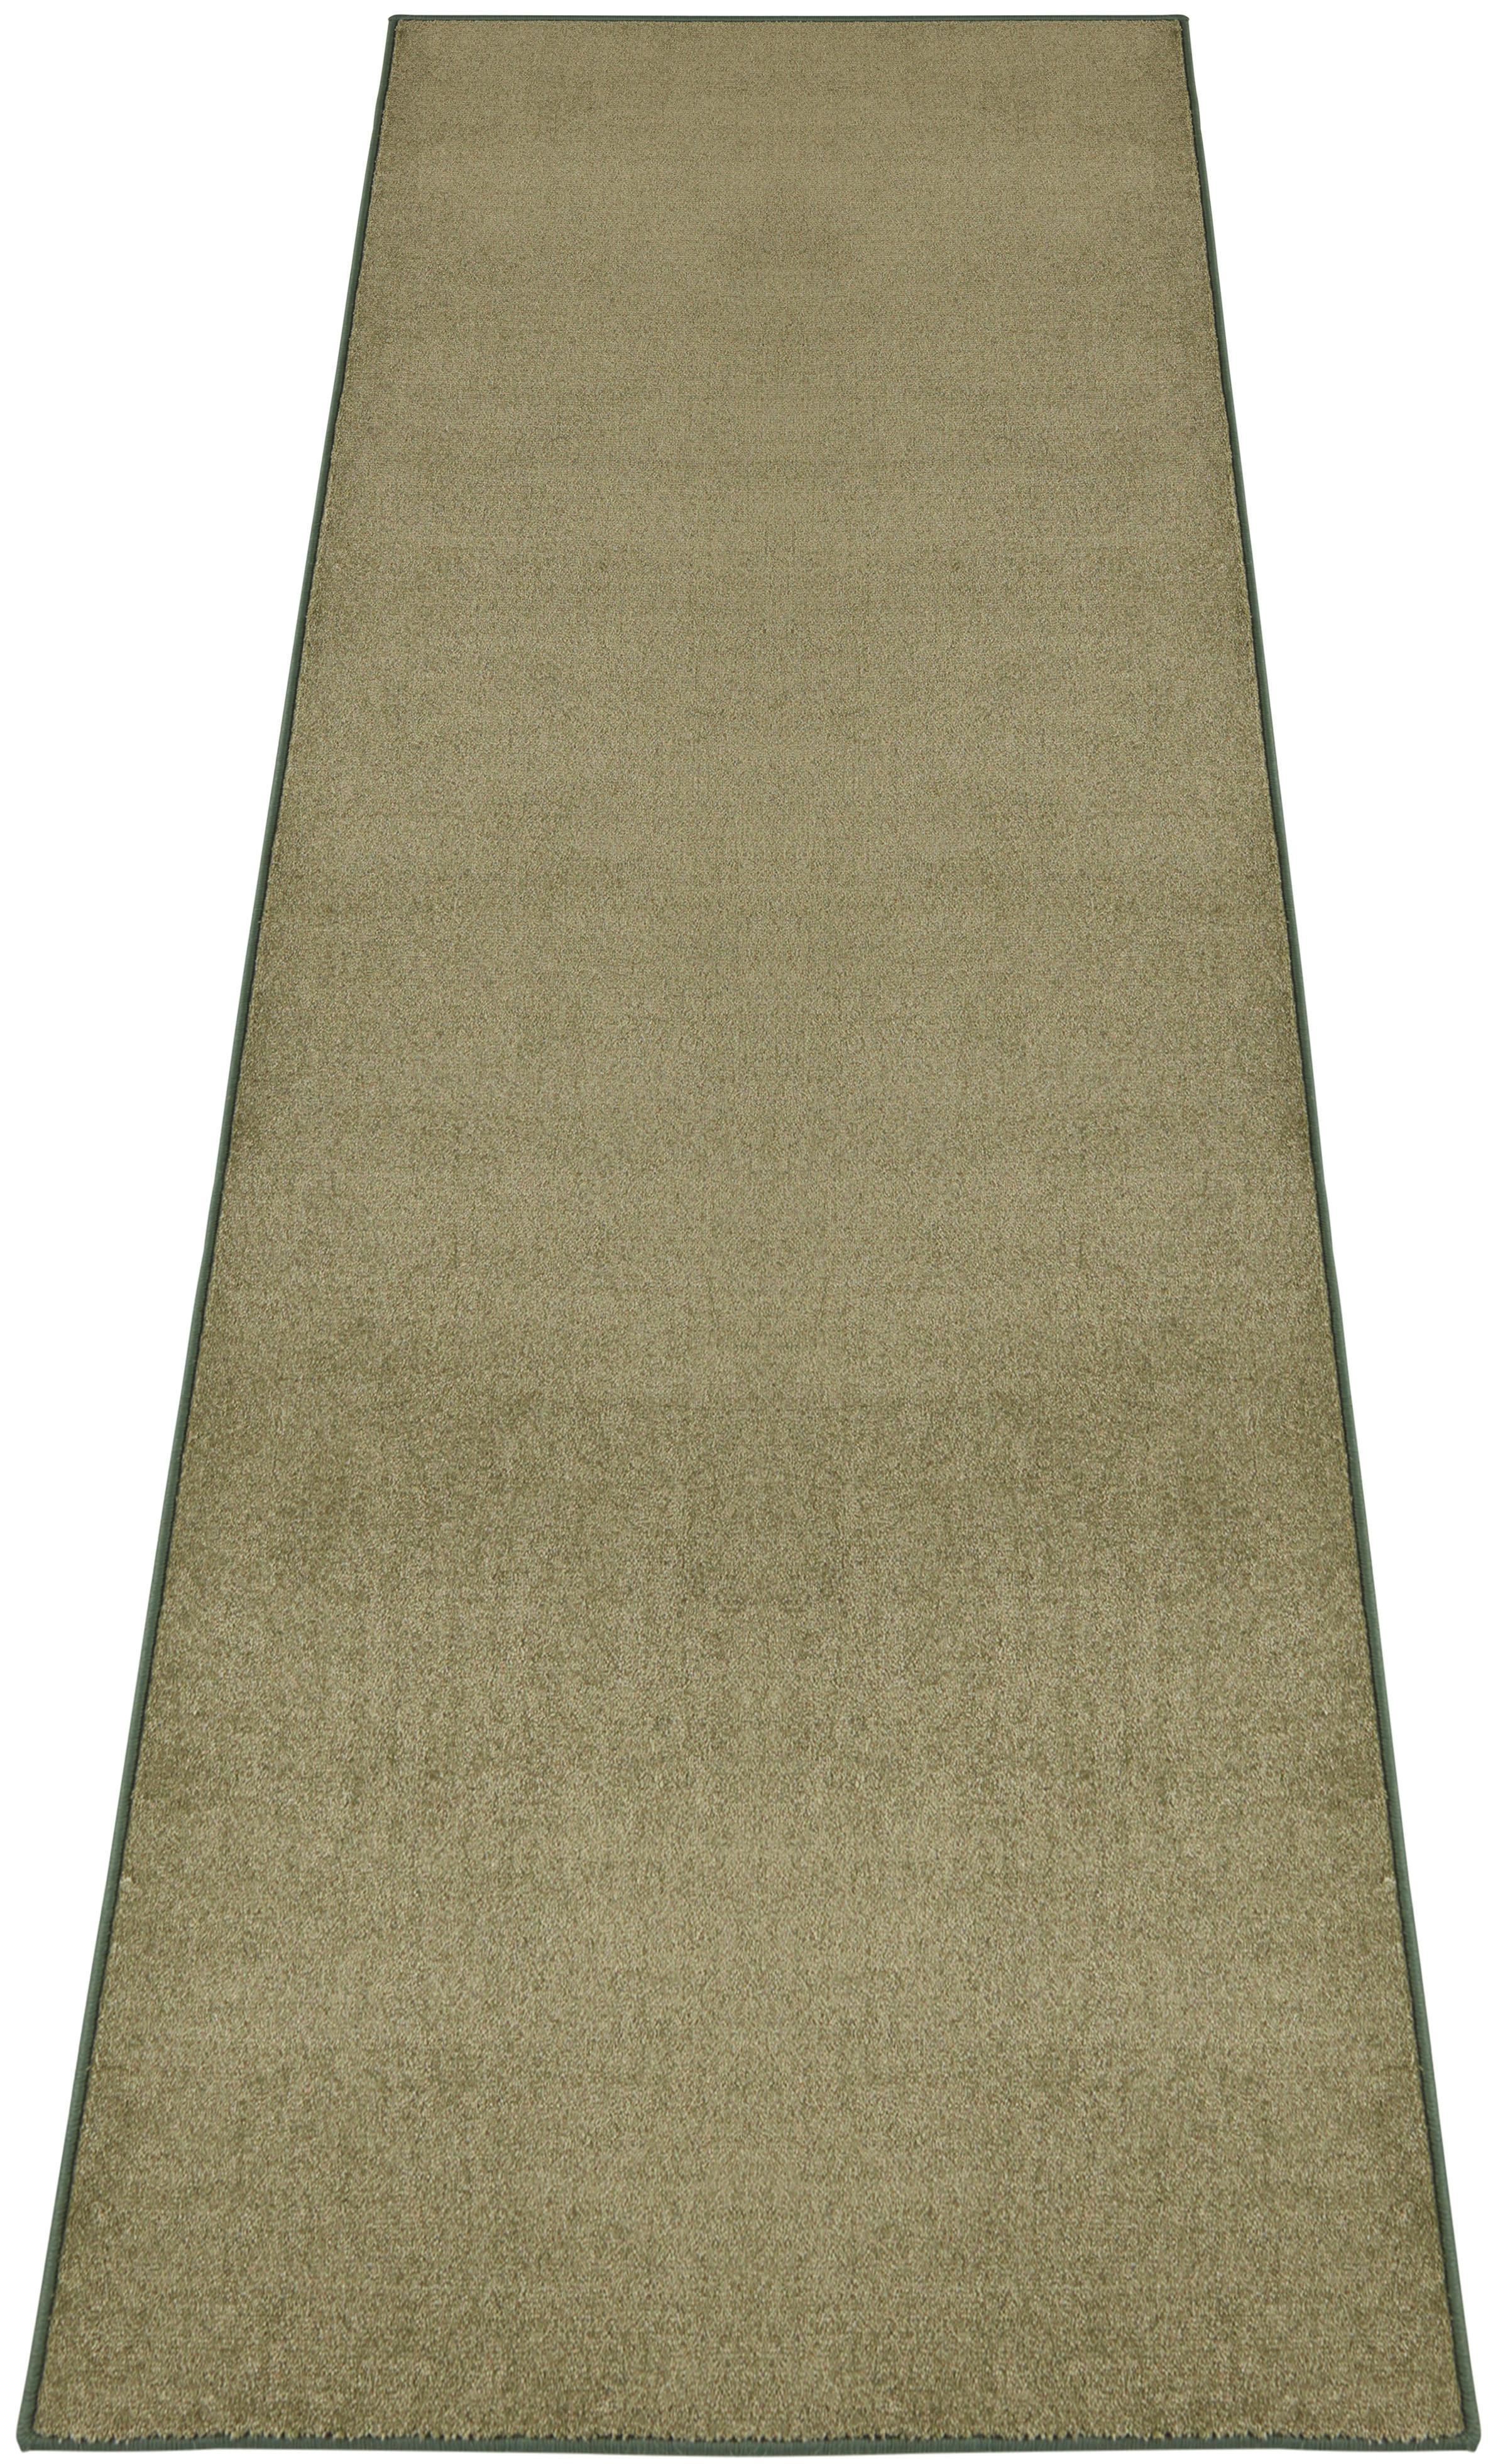 Läufer Bare BT Carpet rechteckig Höhe 10 mm maschinell gewebt